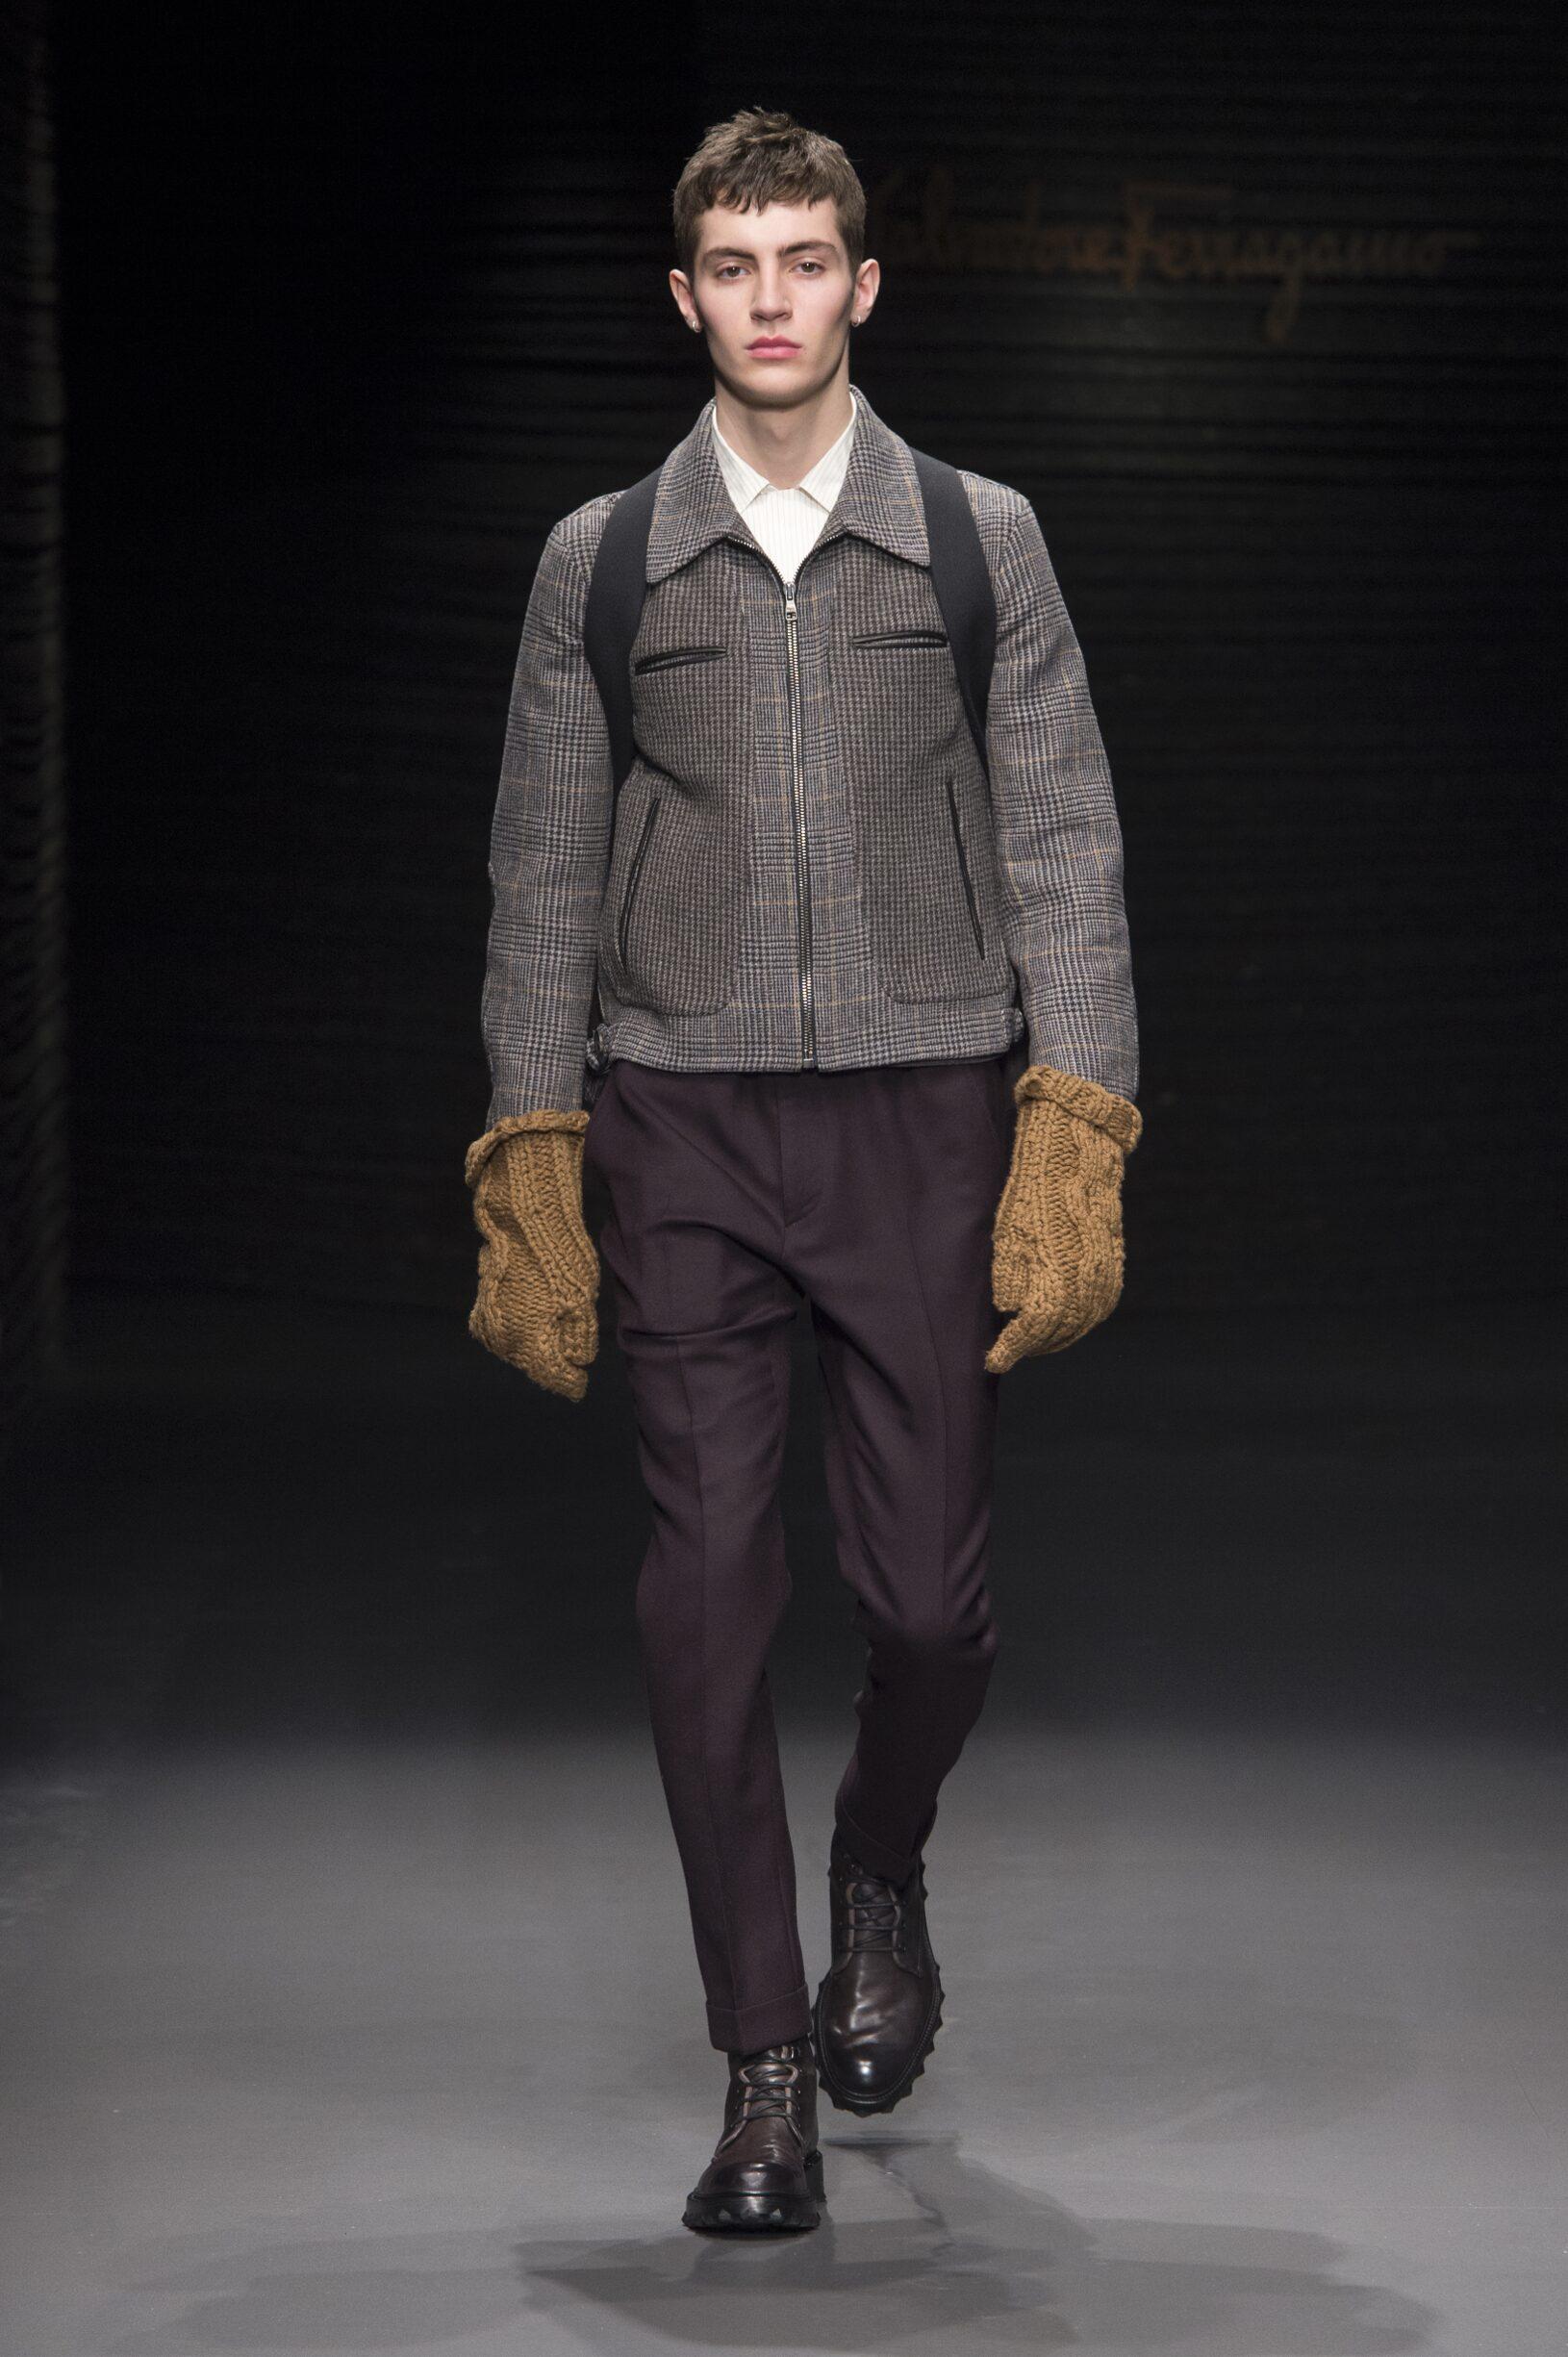 Salvatore Ferragamo FW 2017 Menswear